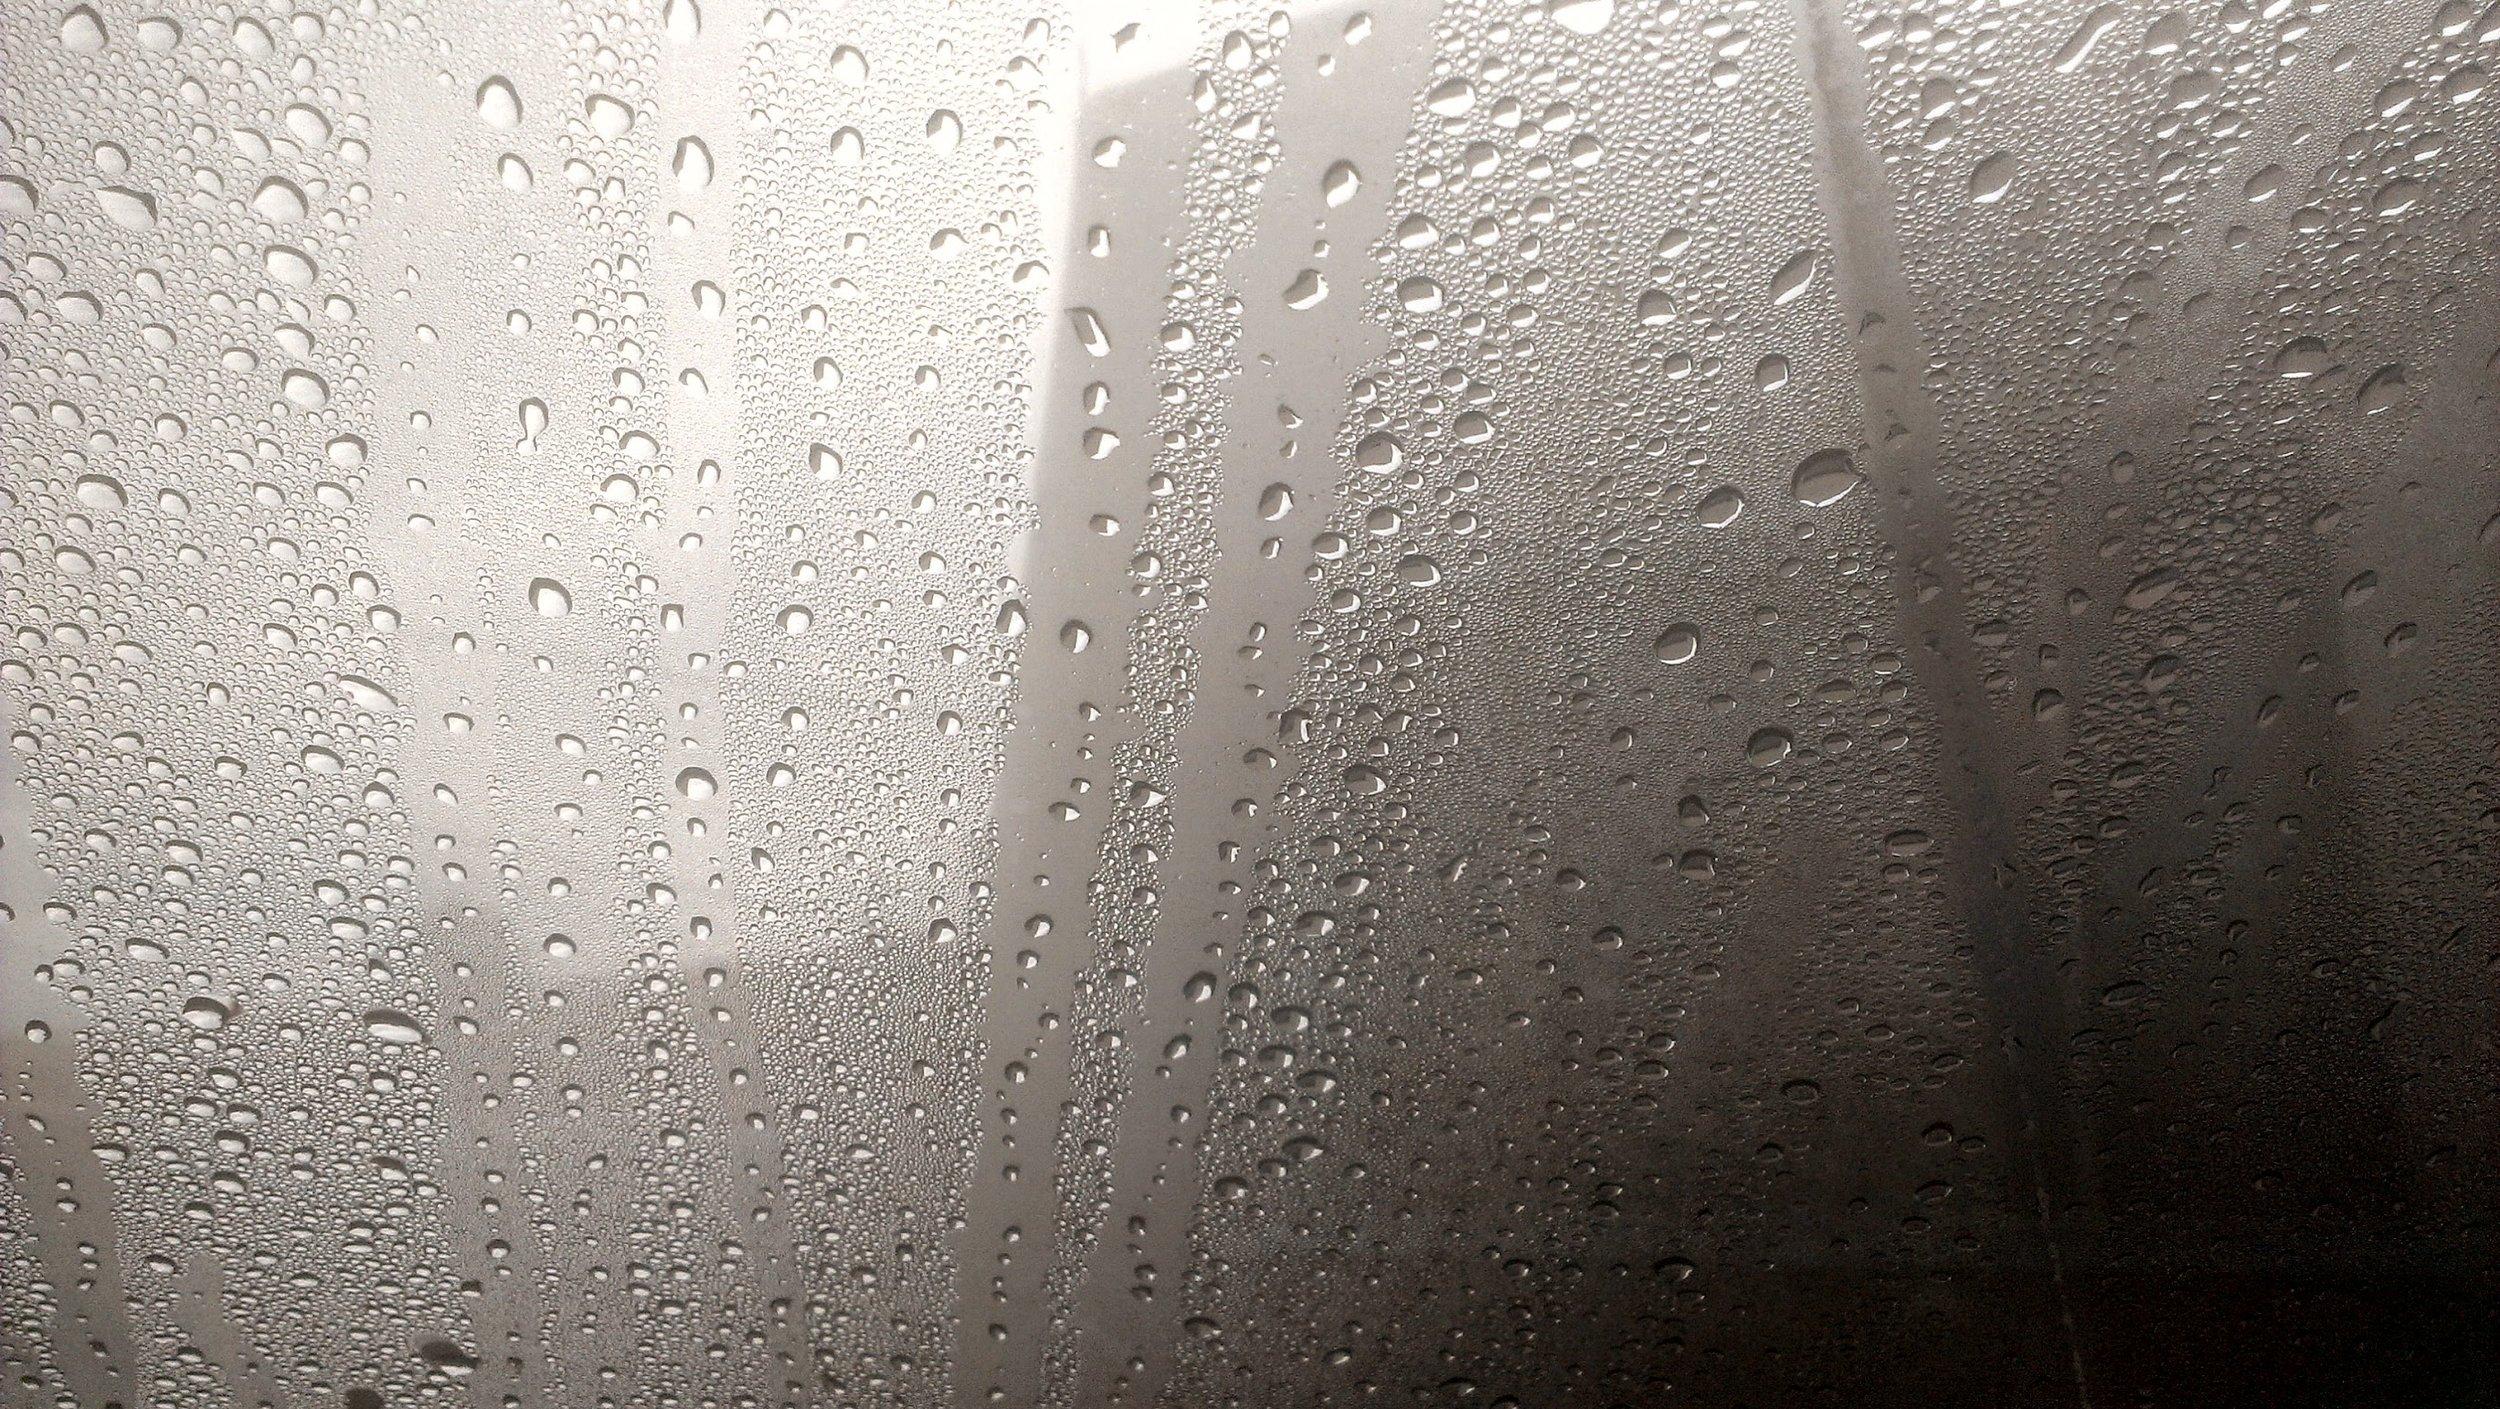 The romance of rain.